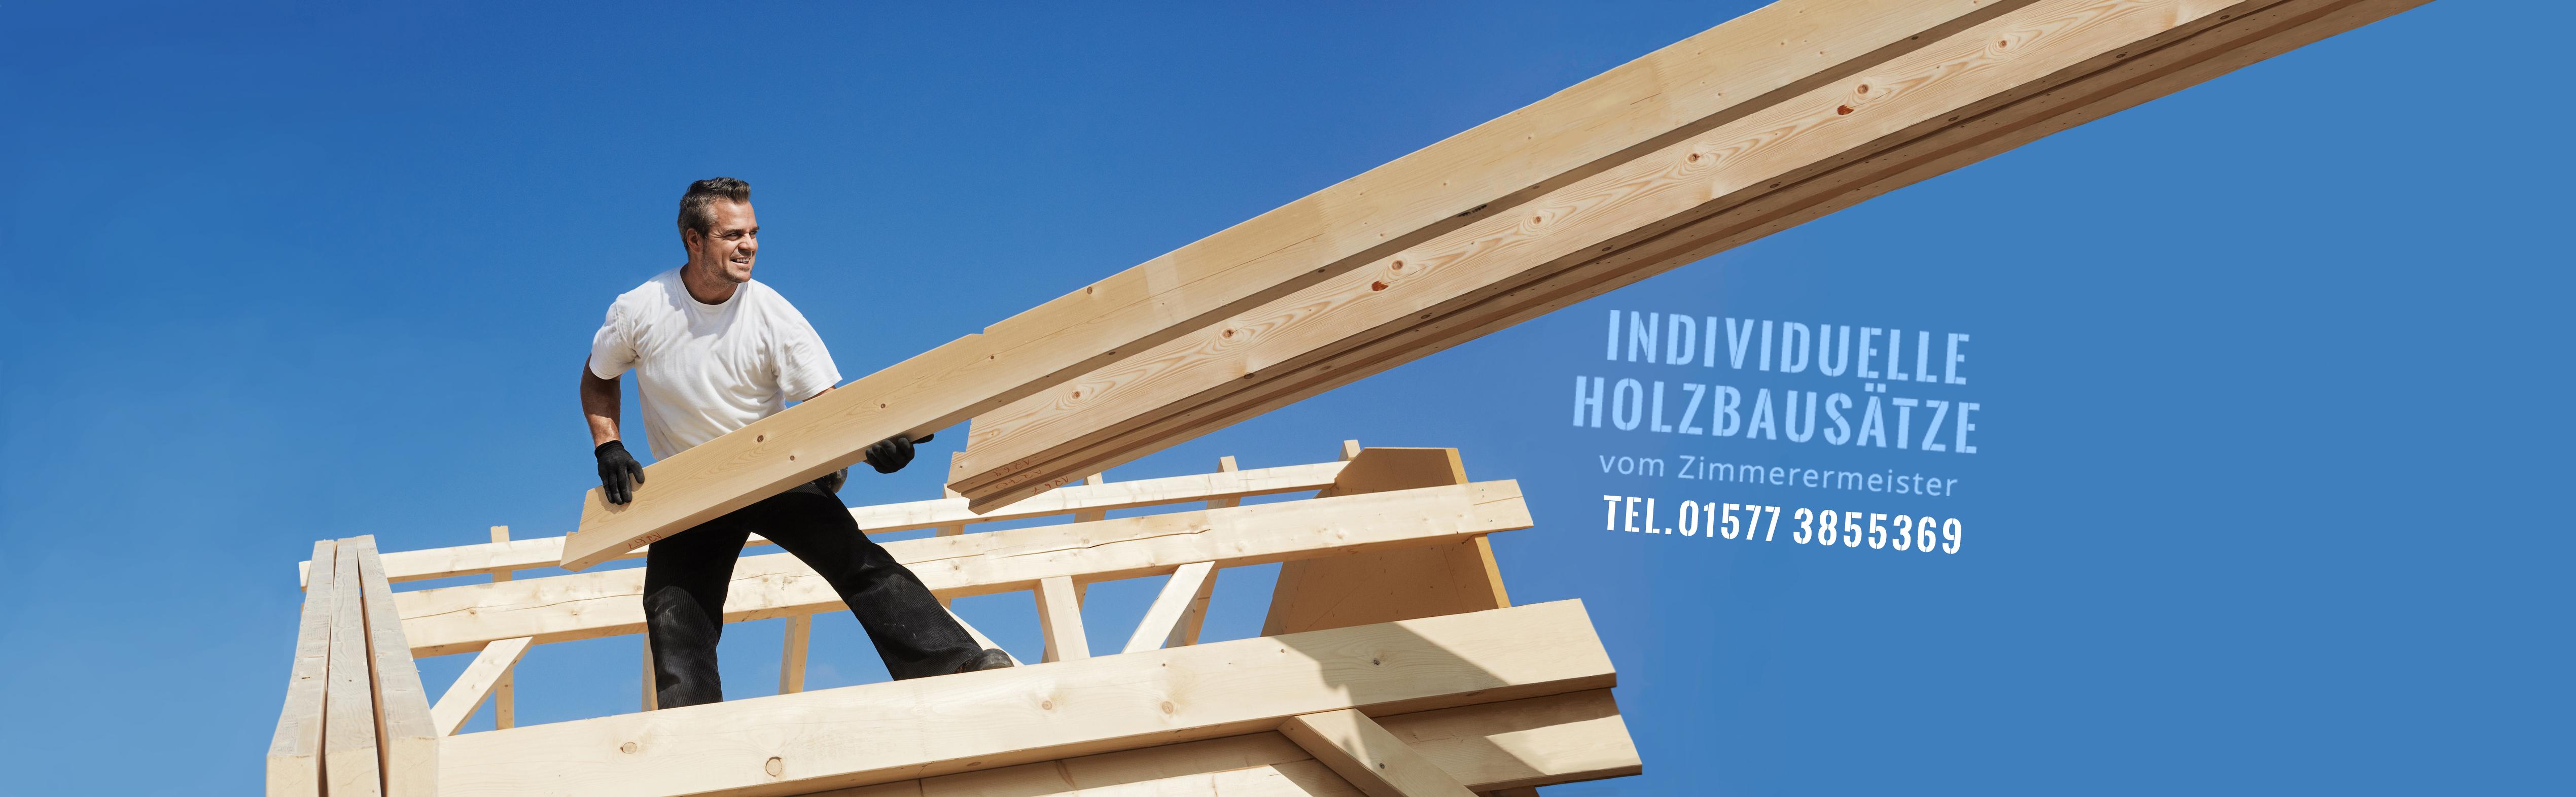 carport bauen leipzig holzbaus tze individuell und zum selber aufbauen. Black Bedroom Furniture Sets. Home Design Ideas